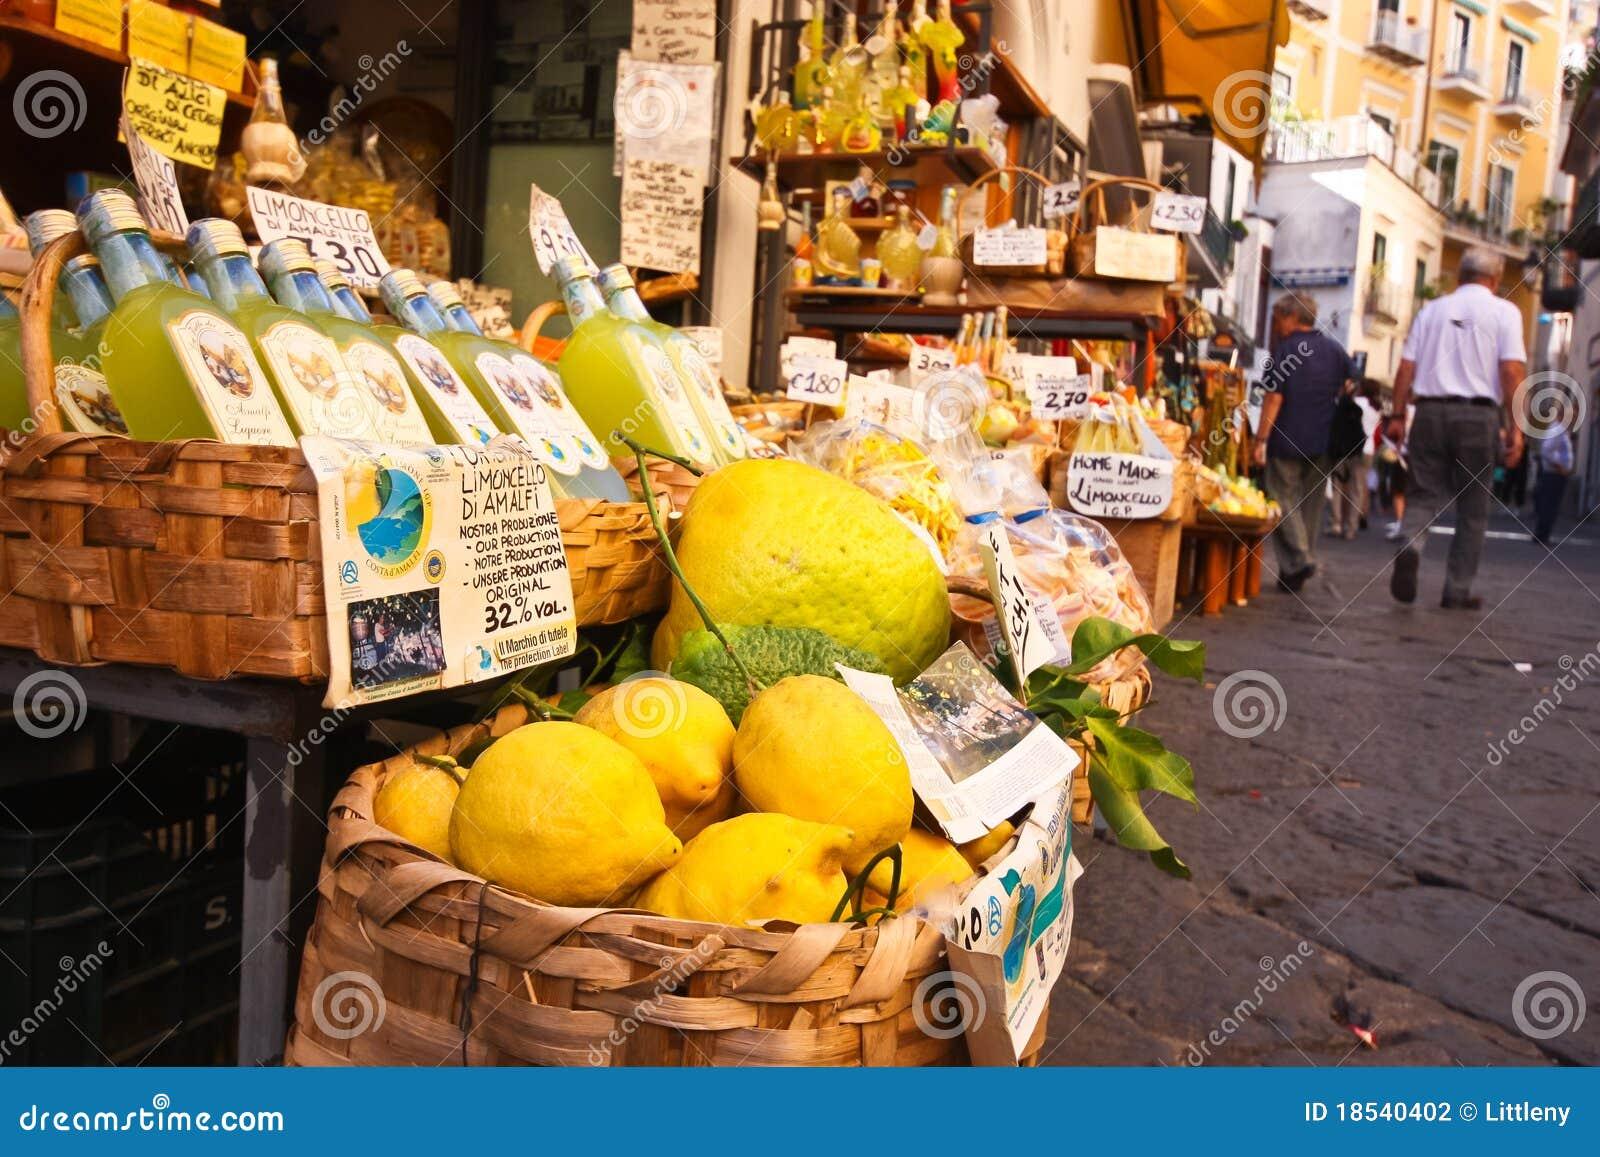 Amalfi Coast Market